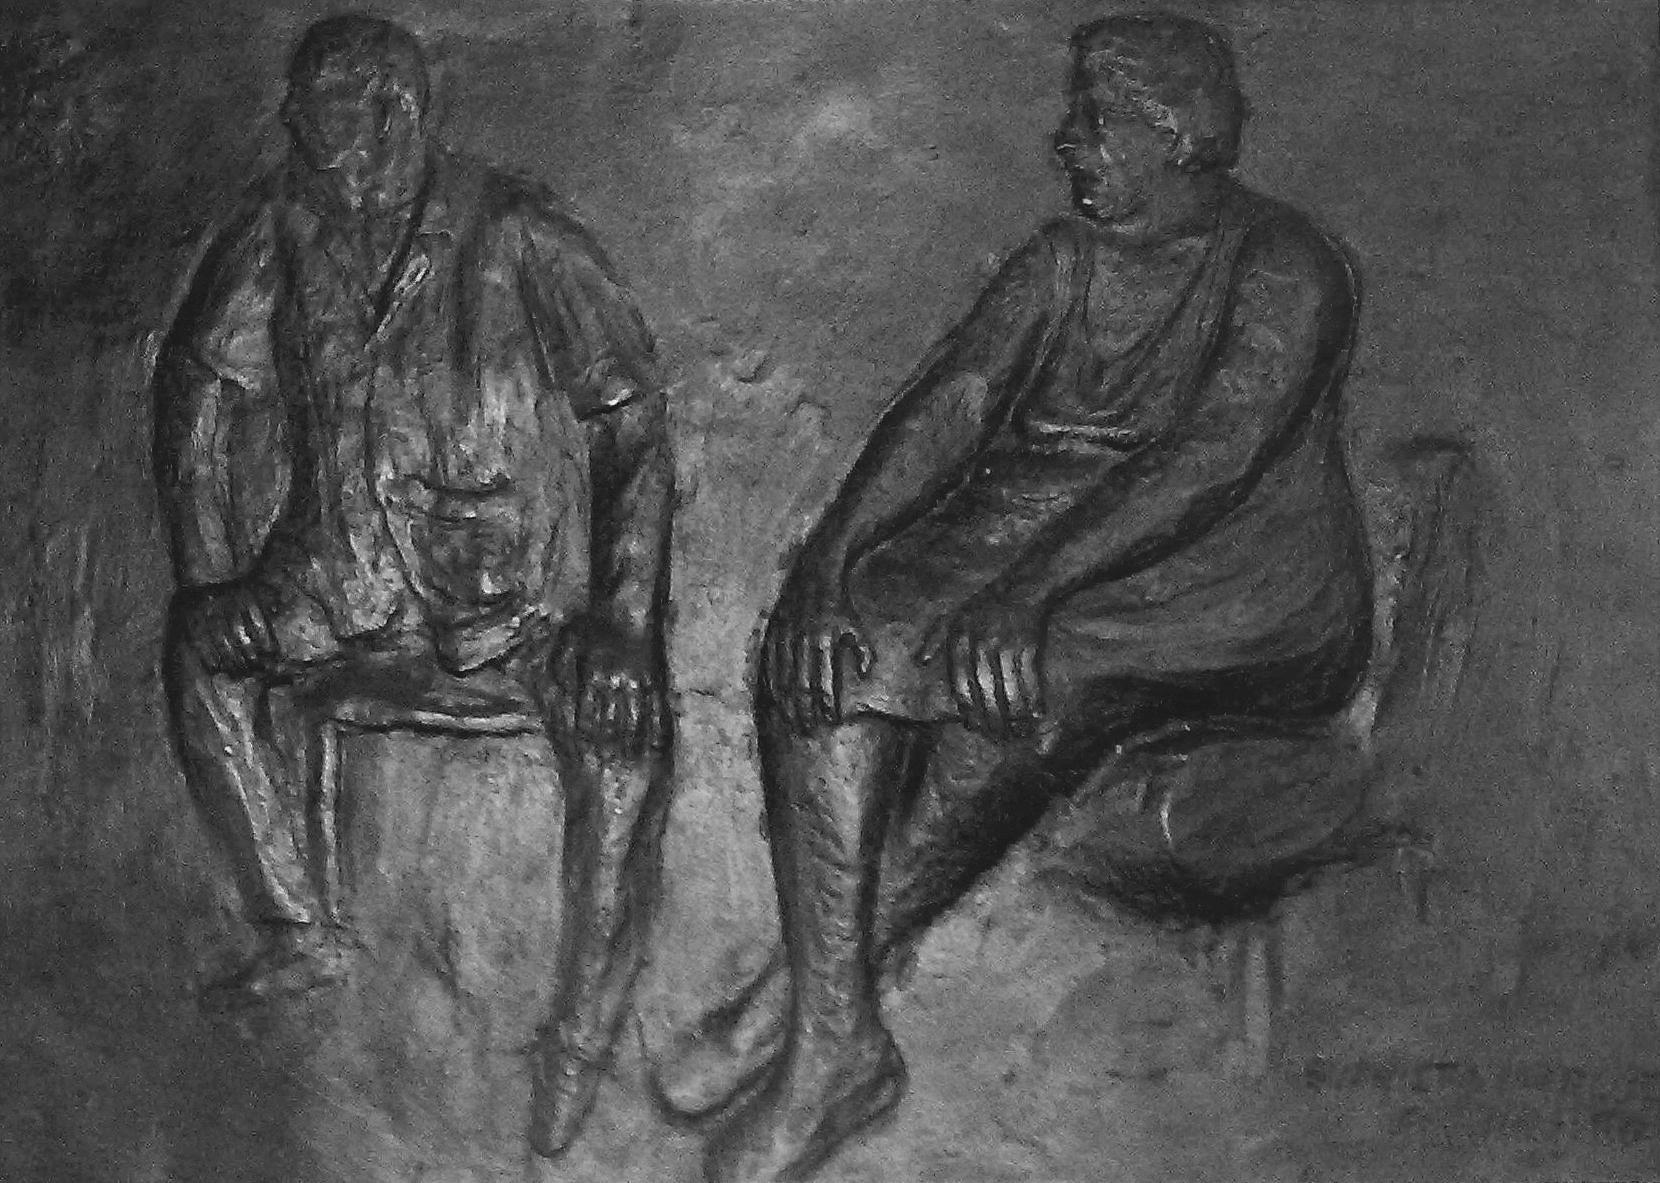 Este é um retrato feito por mim (na minha casa). Esse trabalho foi feito em bronze por meu tio (Don Evaristo Márquez Contreras) em 1986 e é minha propriedade